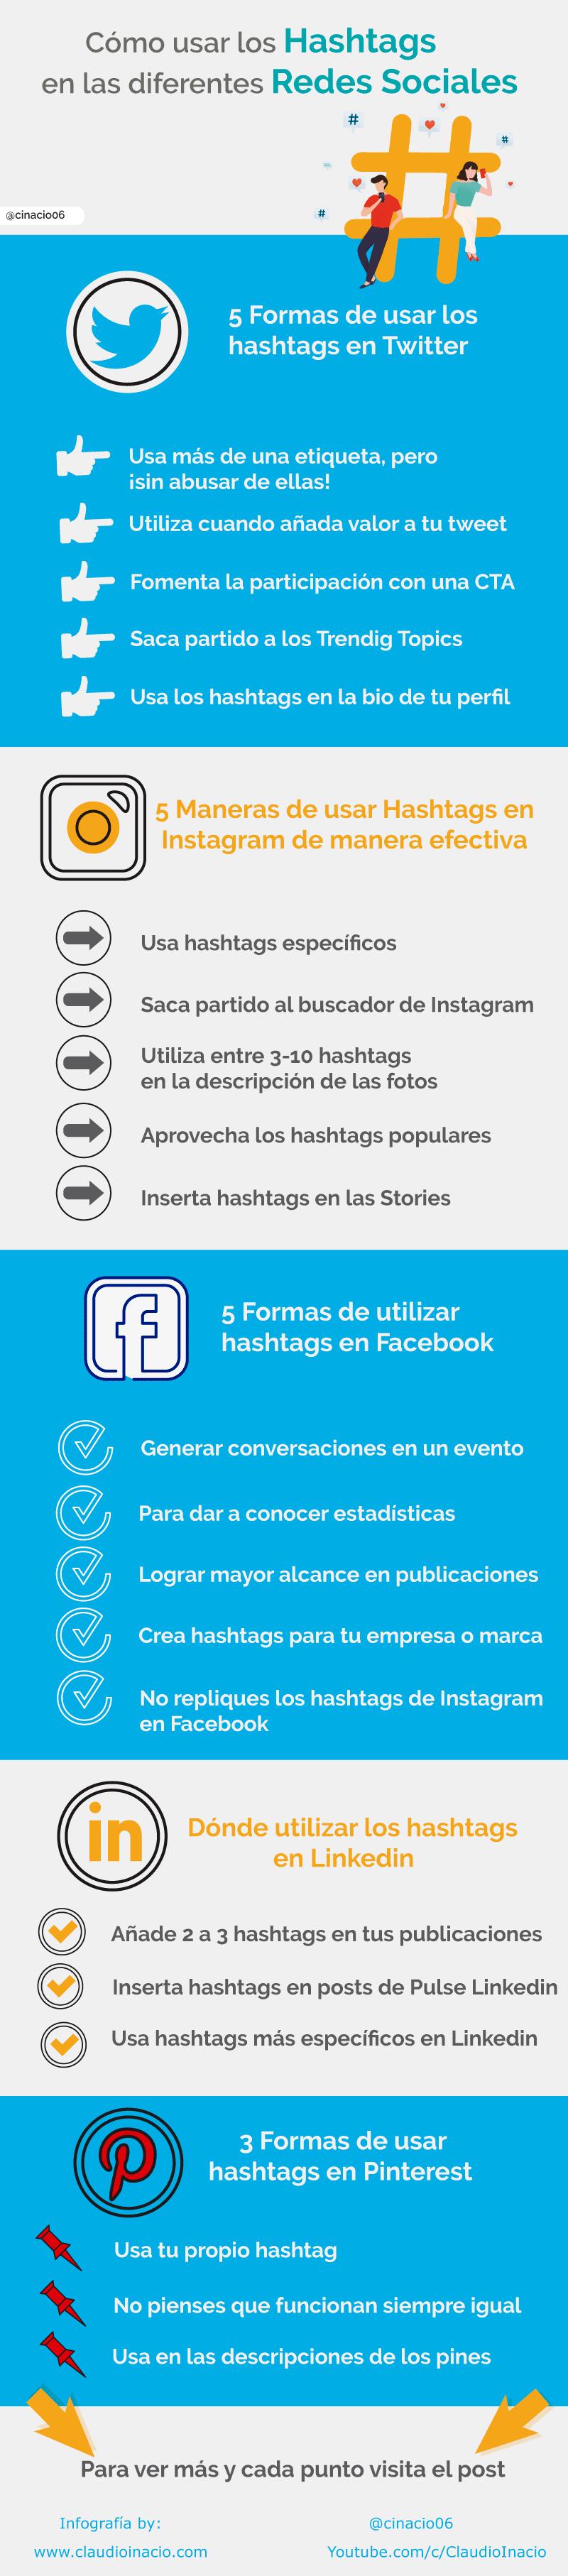 Consejos para usar hashtags en Redes Sociales #infografia #infographic #socialmedia